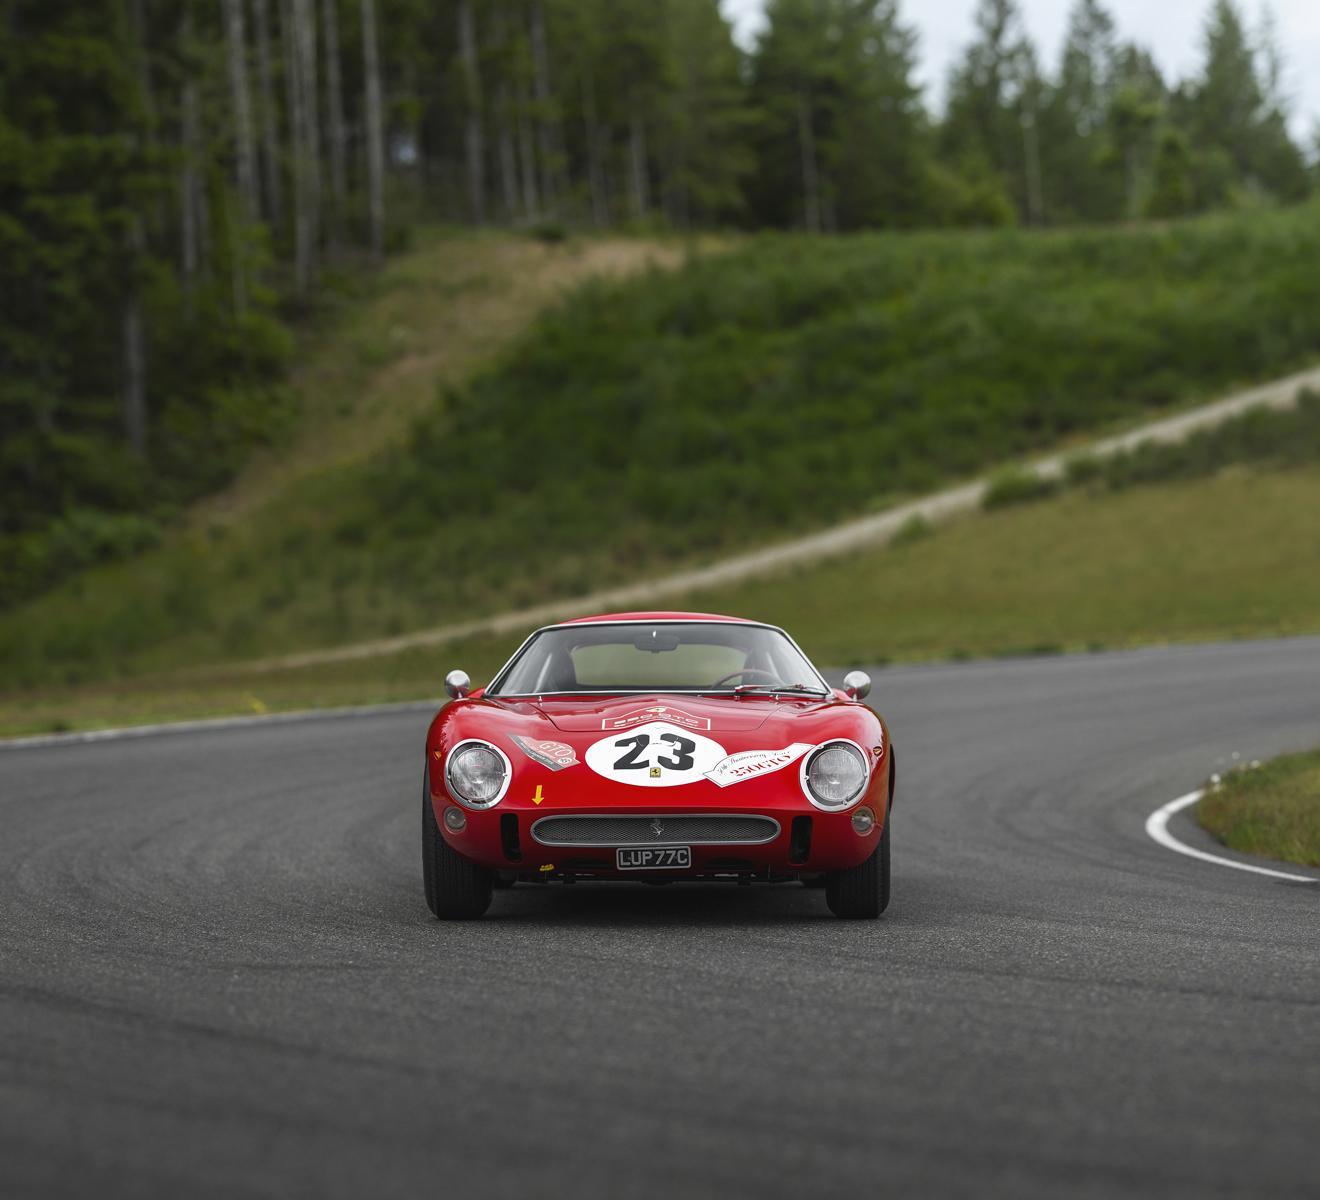 Ferrari 250 GTO 13,47 milliárd forintért